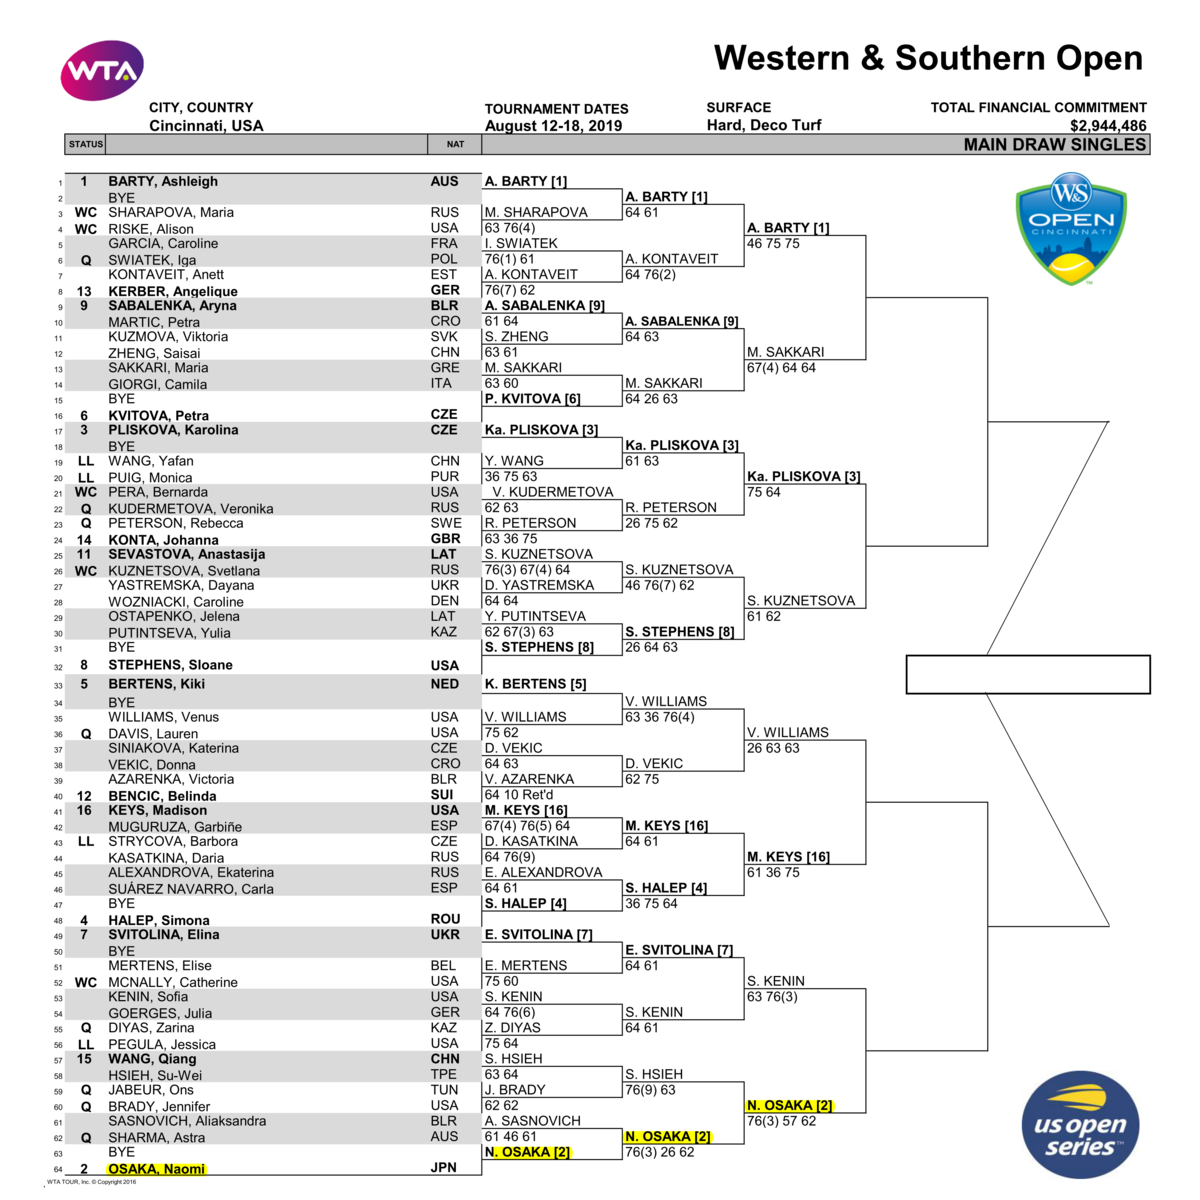 ウェスタン&サザン・オープン2019女子ドロー2019